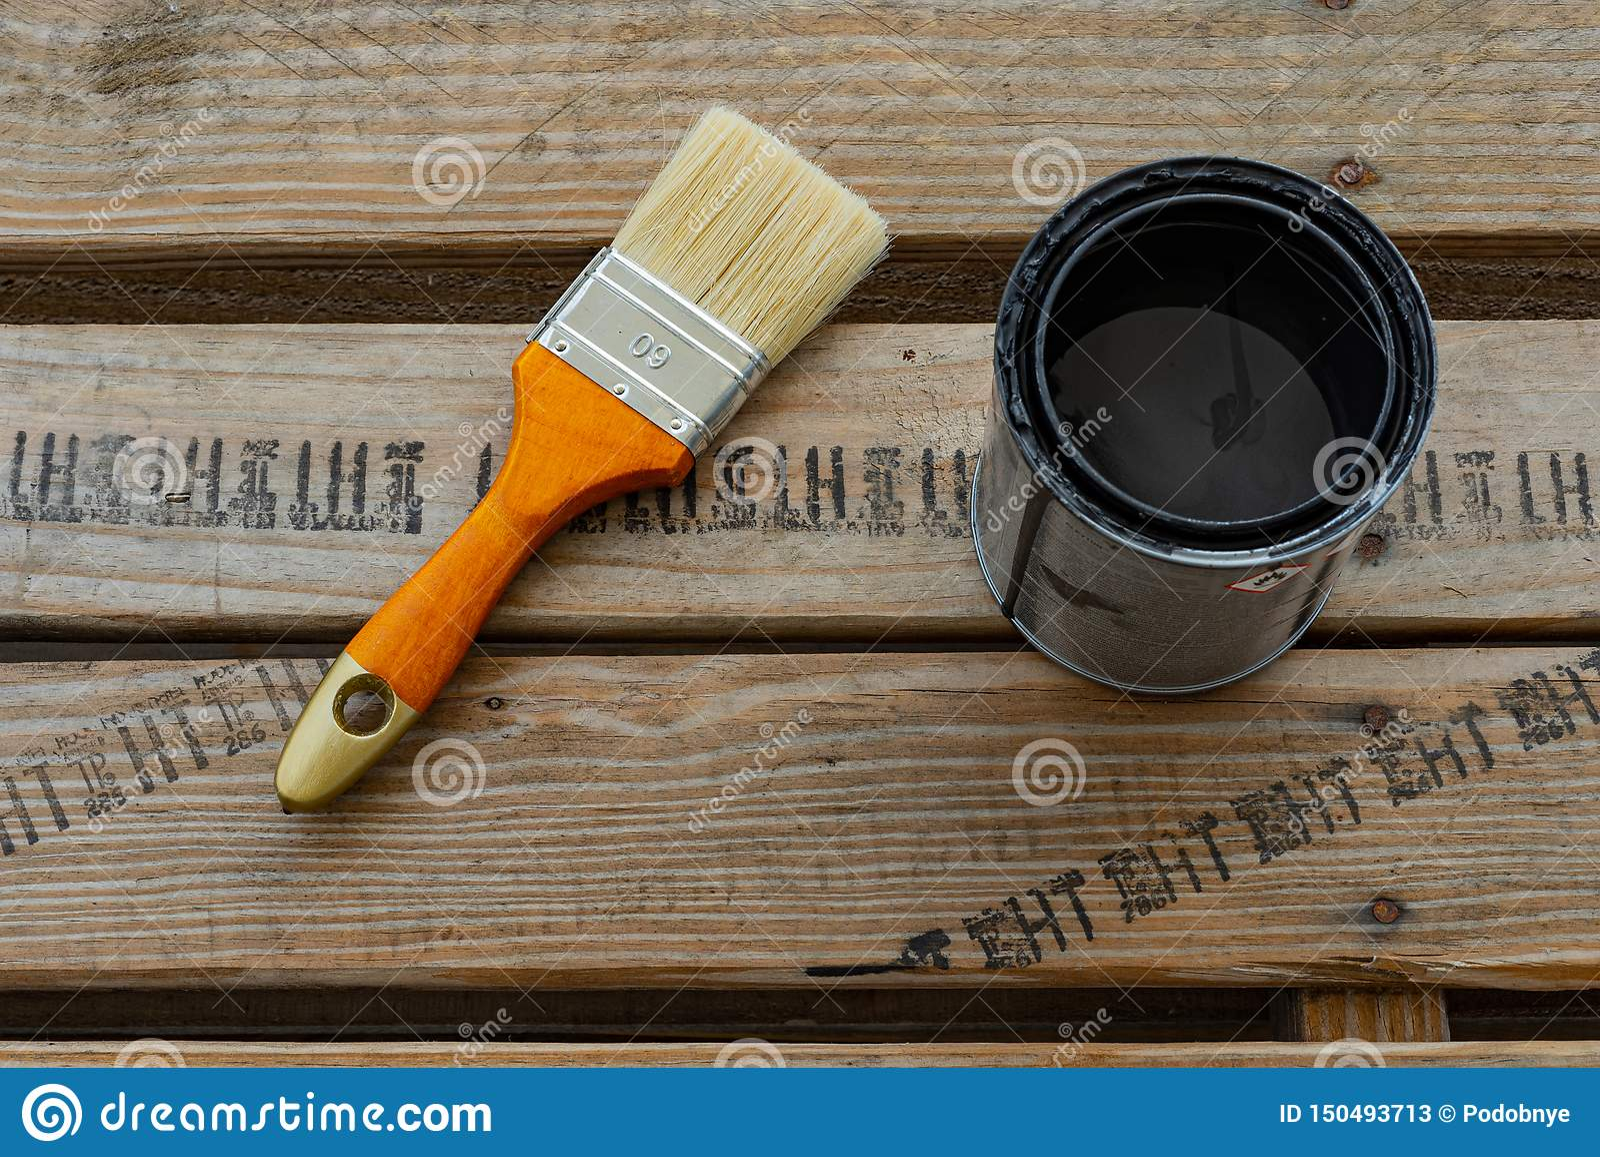 油漆刷和罐头有颜色的家庭整修的